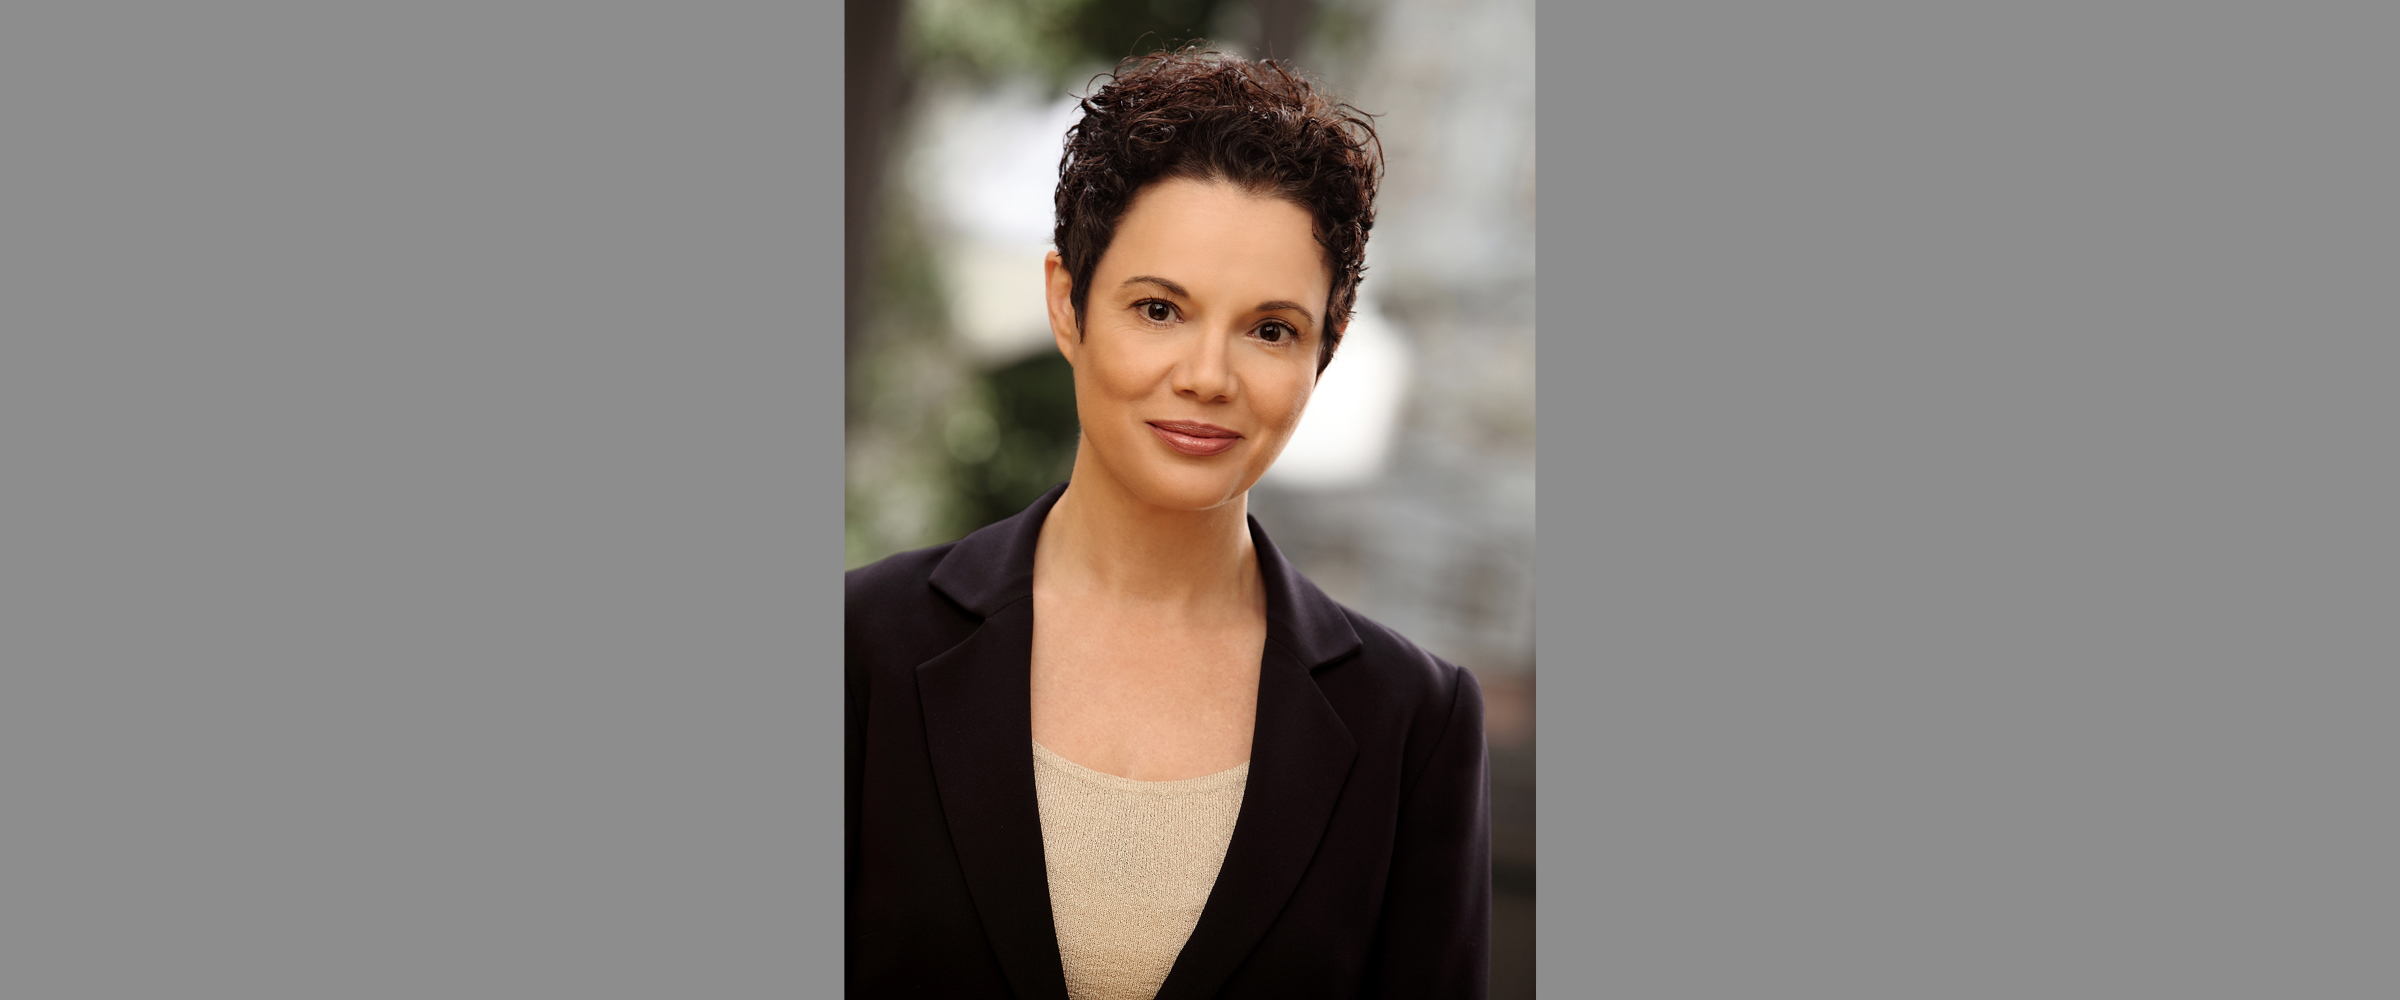 Farbportrait einer Frau mit dunklem, kurzen Haar und freundlichem Gesichtsausdruck, die in einem schwarzen Business-Jackett posiert.